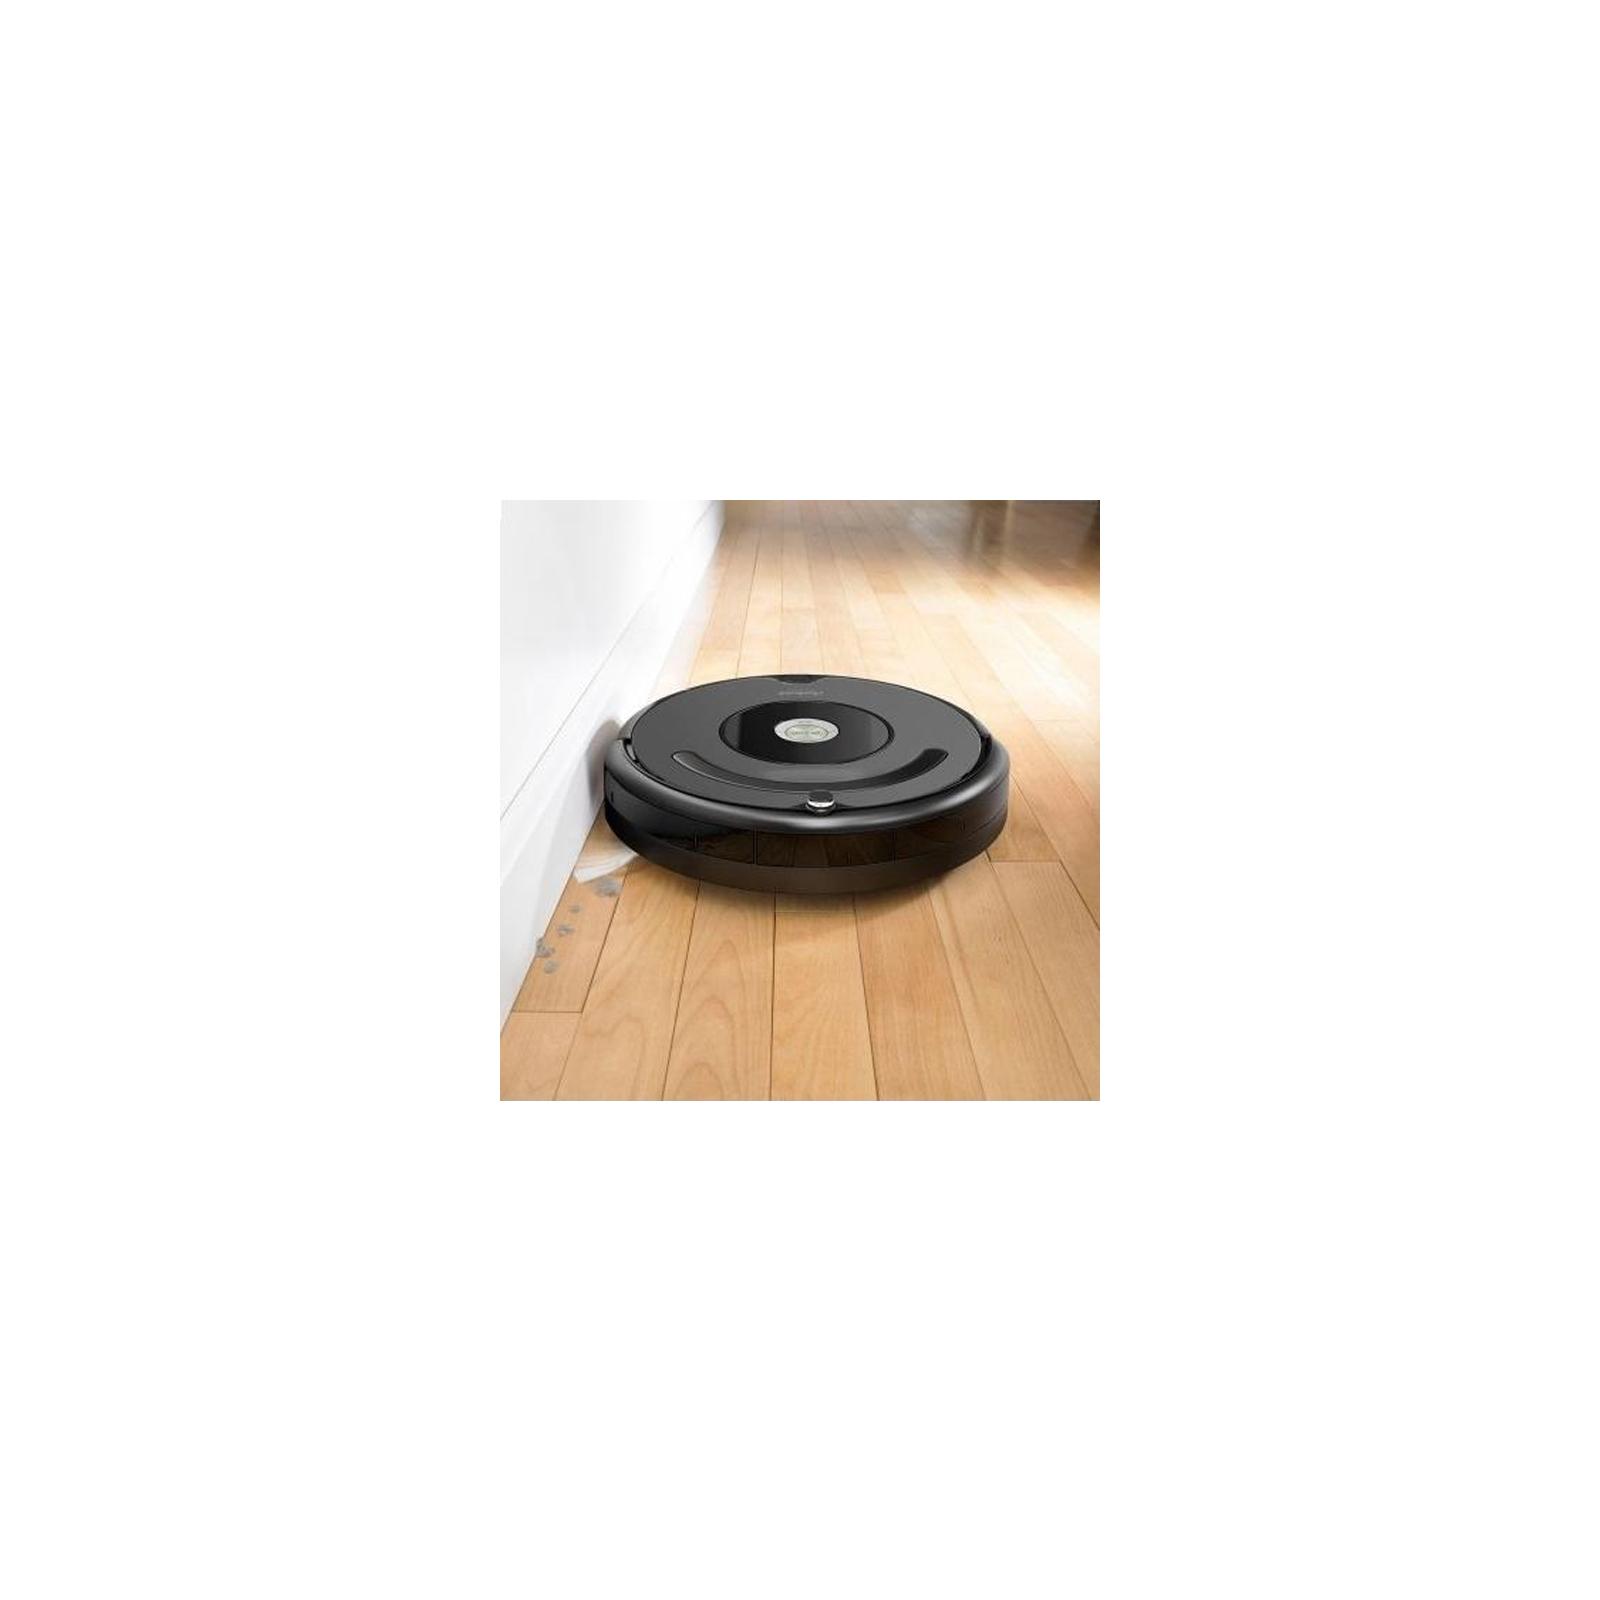 Пылесос iRobot Roomba 676 (R676040) изображение 4